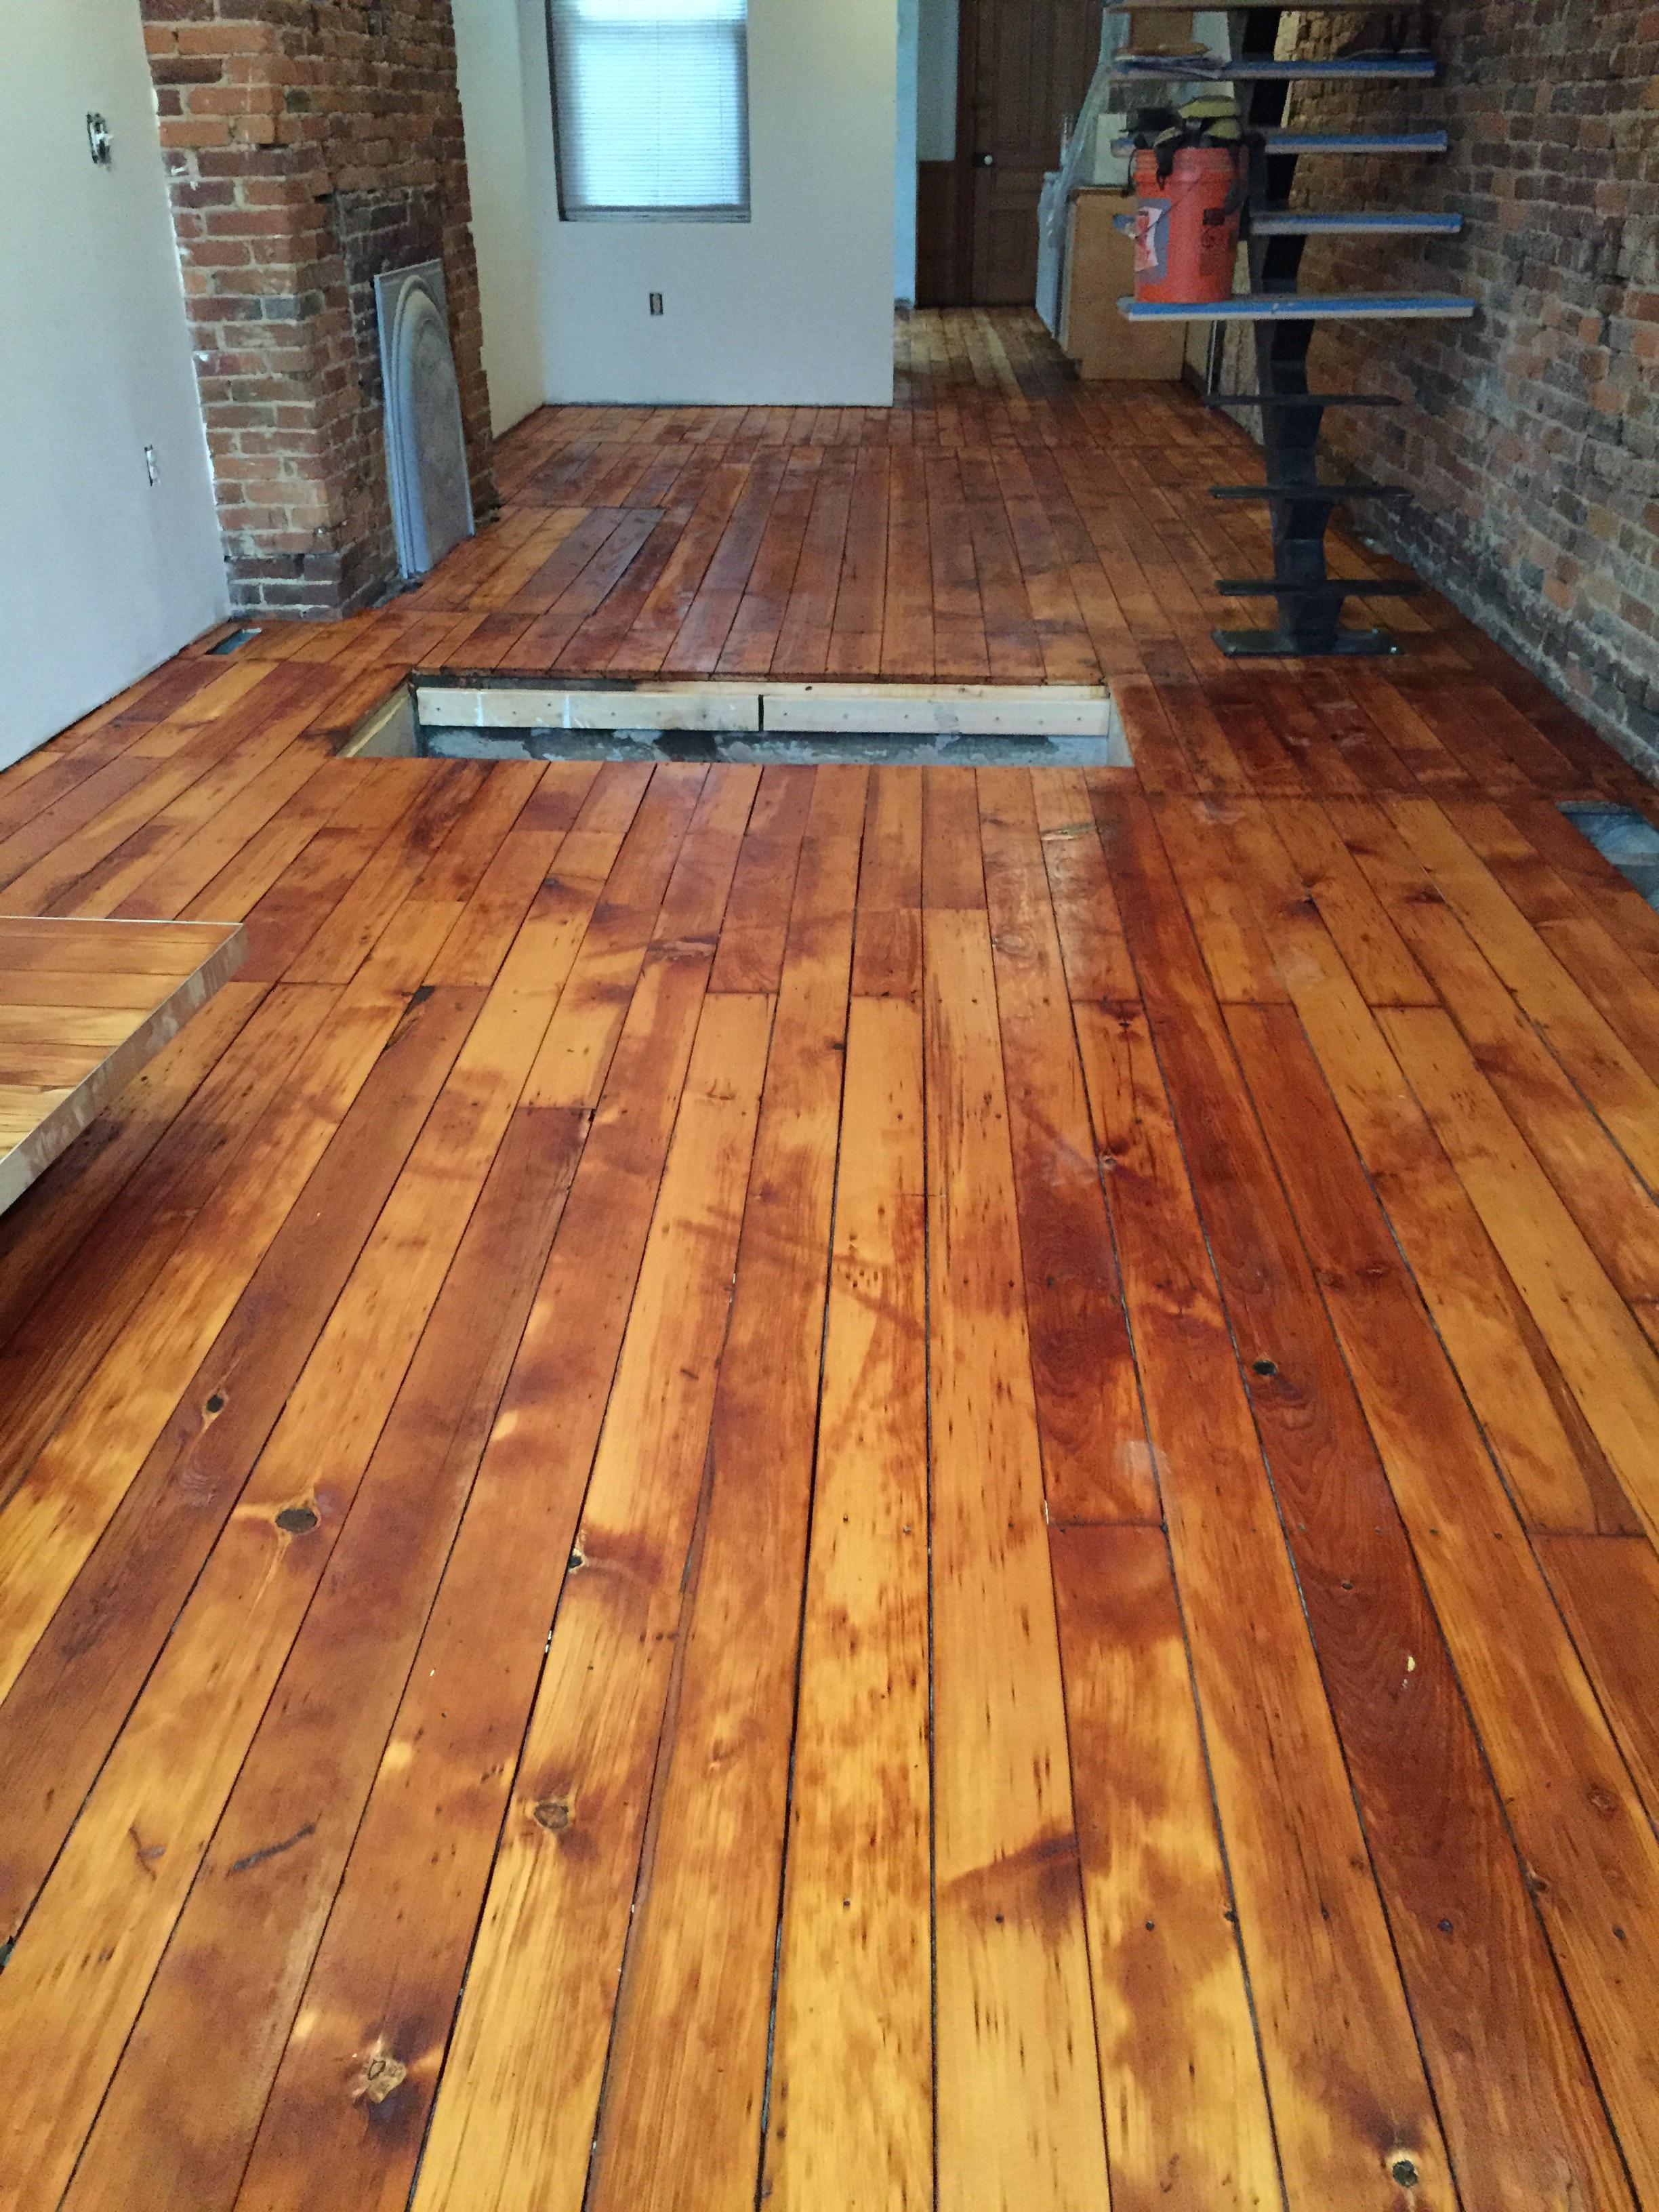 Best polyurethane finish for hardwood floors - Best Polyurethane For Wood Floors 45 Images Floor Finish Vs Polyurethane Floor Finish Houses Ilove2sweat Marialoaizafo